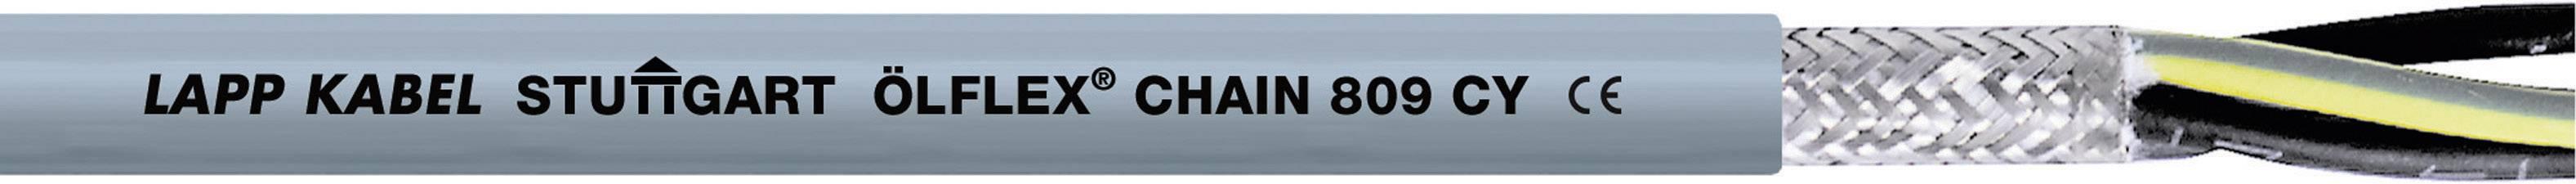 Žíla kabelu LappKabel ÖLFLEX CHAIN 809 CY 2X0,5 (1026751), 2x 0,5 mm², PVC, Ø 5,8 mm, stíněný, 500 m, šedá